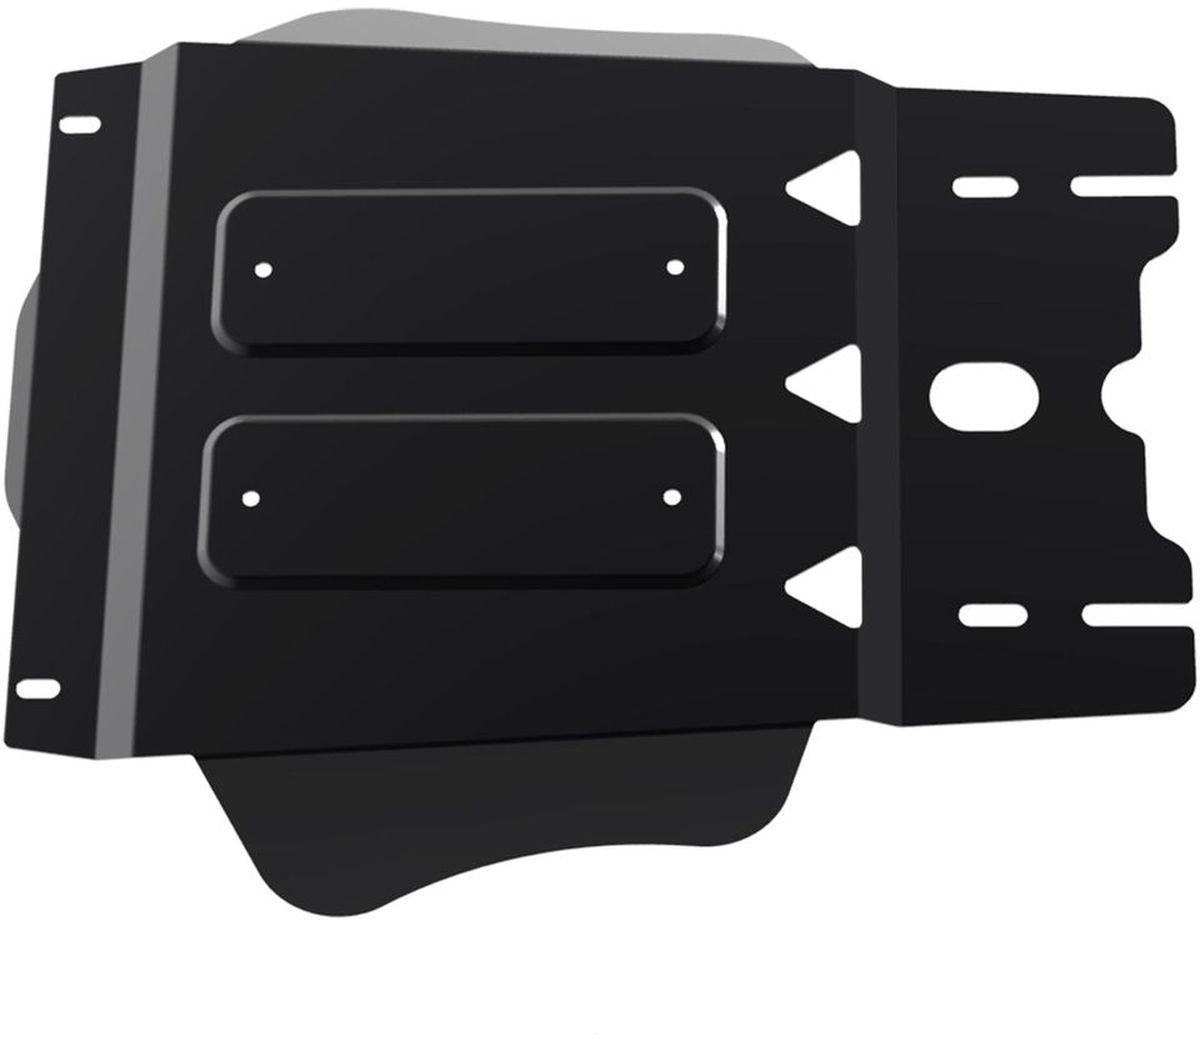 Защита КПП Автоброня, для Hyundai H1 ч.2, V - все (2007-2015; 2015-)111.02336.1Технологически совершенный продукт за невысокую стоимость. Защита разработана с учетом особенностей днища автомобиля, что позволяет сохранить дорожный просвет с минимальным изменением. Защита устанавливается в штатные места кузова автомобиля. Глубокий штамп обеспечивает до двух раз больше жесткости в сравнении с обычной защитой той же толщины. Проштампованные ребра жесткости препятствуют деформации защиты при ударах. Тепловой зазор и вентиляционные отверстия обеспечивают сохранение температурного режима двигателя в норме. Скрытый крепеж предотвращает срыв крепежных элементов при наезде на препятствие. Шумопоглощающие резиновые элементы обеспечивают комфортную езду без вибраций и скрежета металла, а съемные лючки для слива масла и замены фильтра - экономию средств и время. Конструкция изделия не влияет на пассивную безопасность автомобиля (при ударе защита не воздействует на деформационные зоны кузова). Со штатным крепежом. В комплекте инструкция по установке....